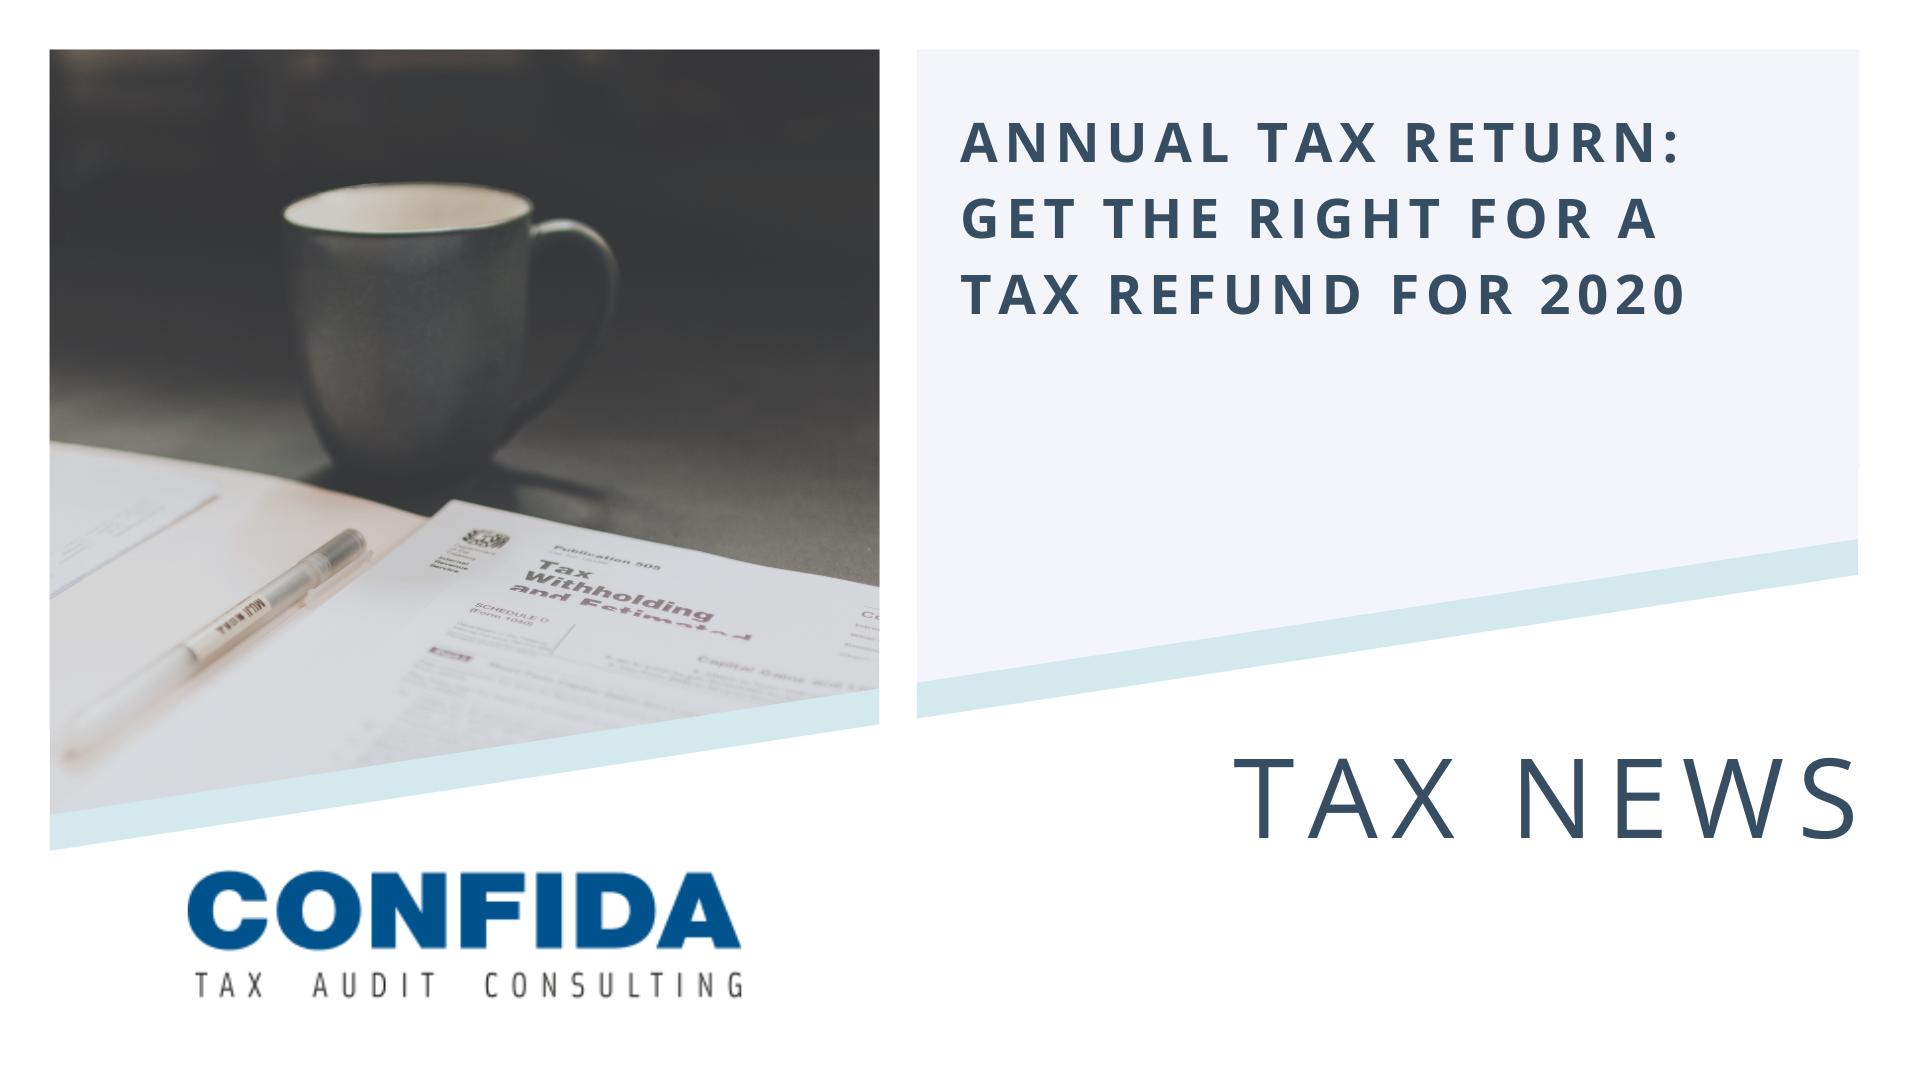 Annual Tax Return 2020